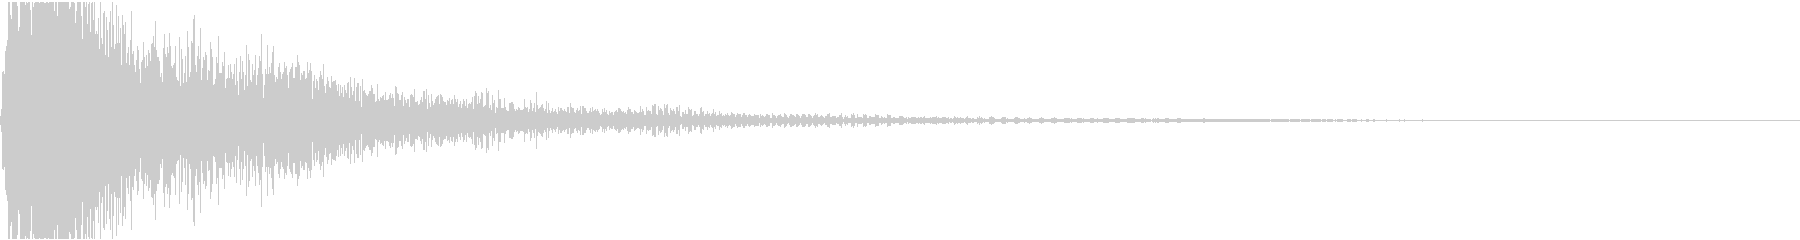 ファ単音のオーケストラルヒットの未再生の波形